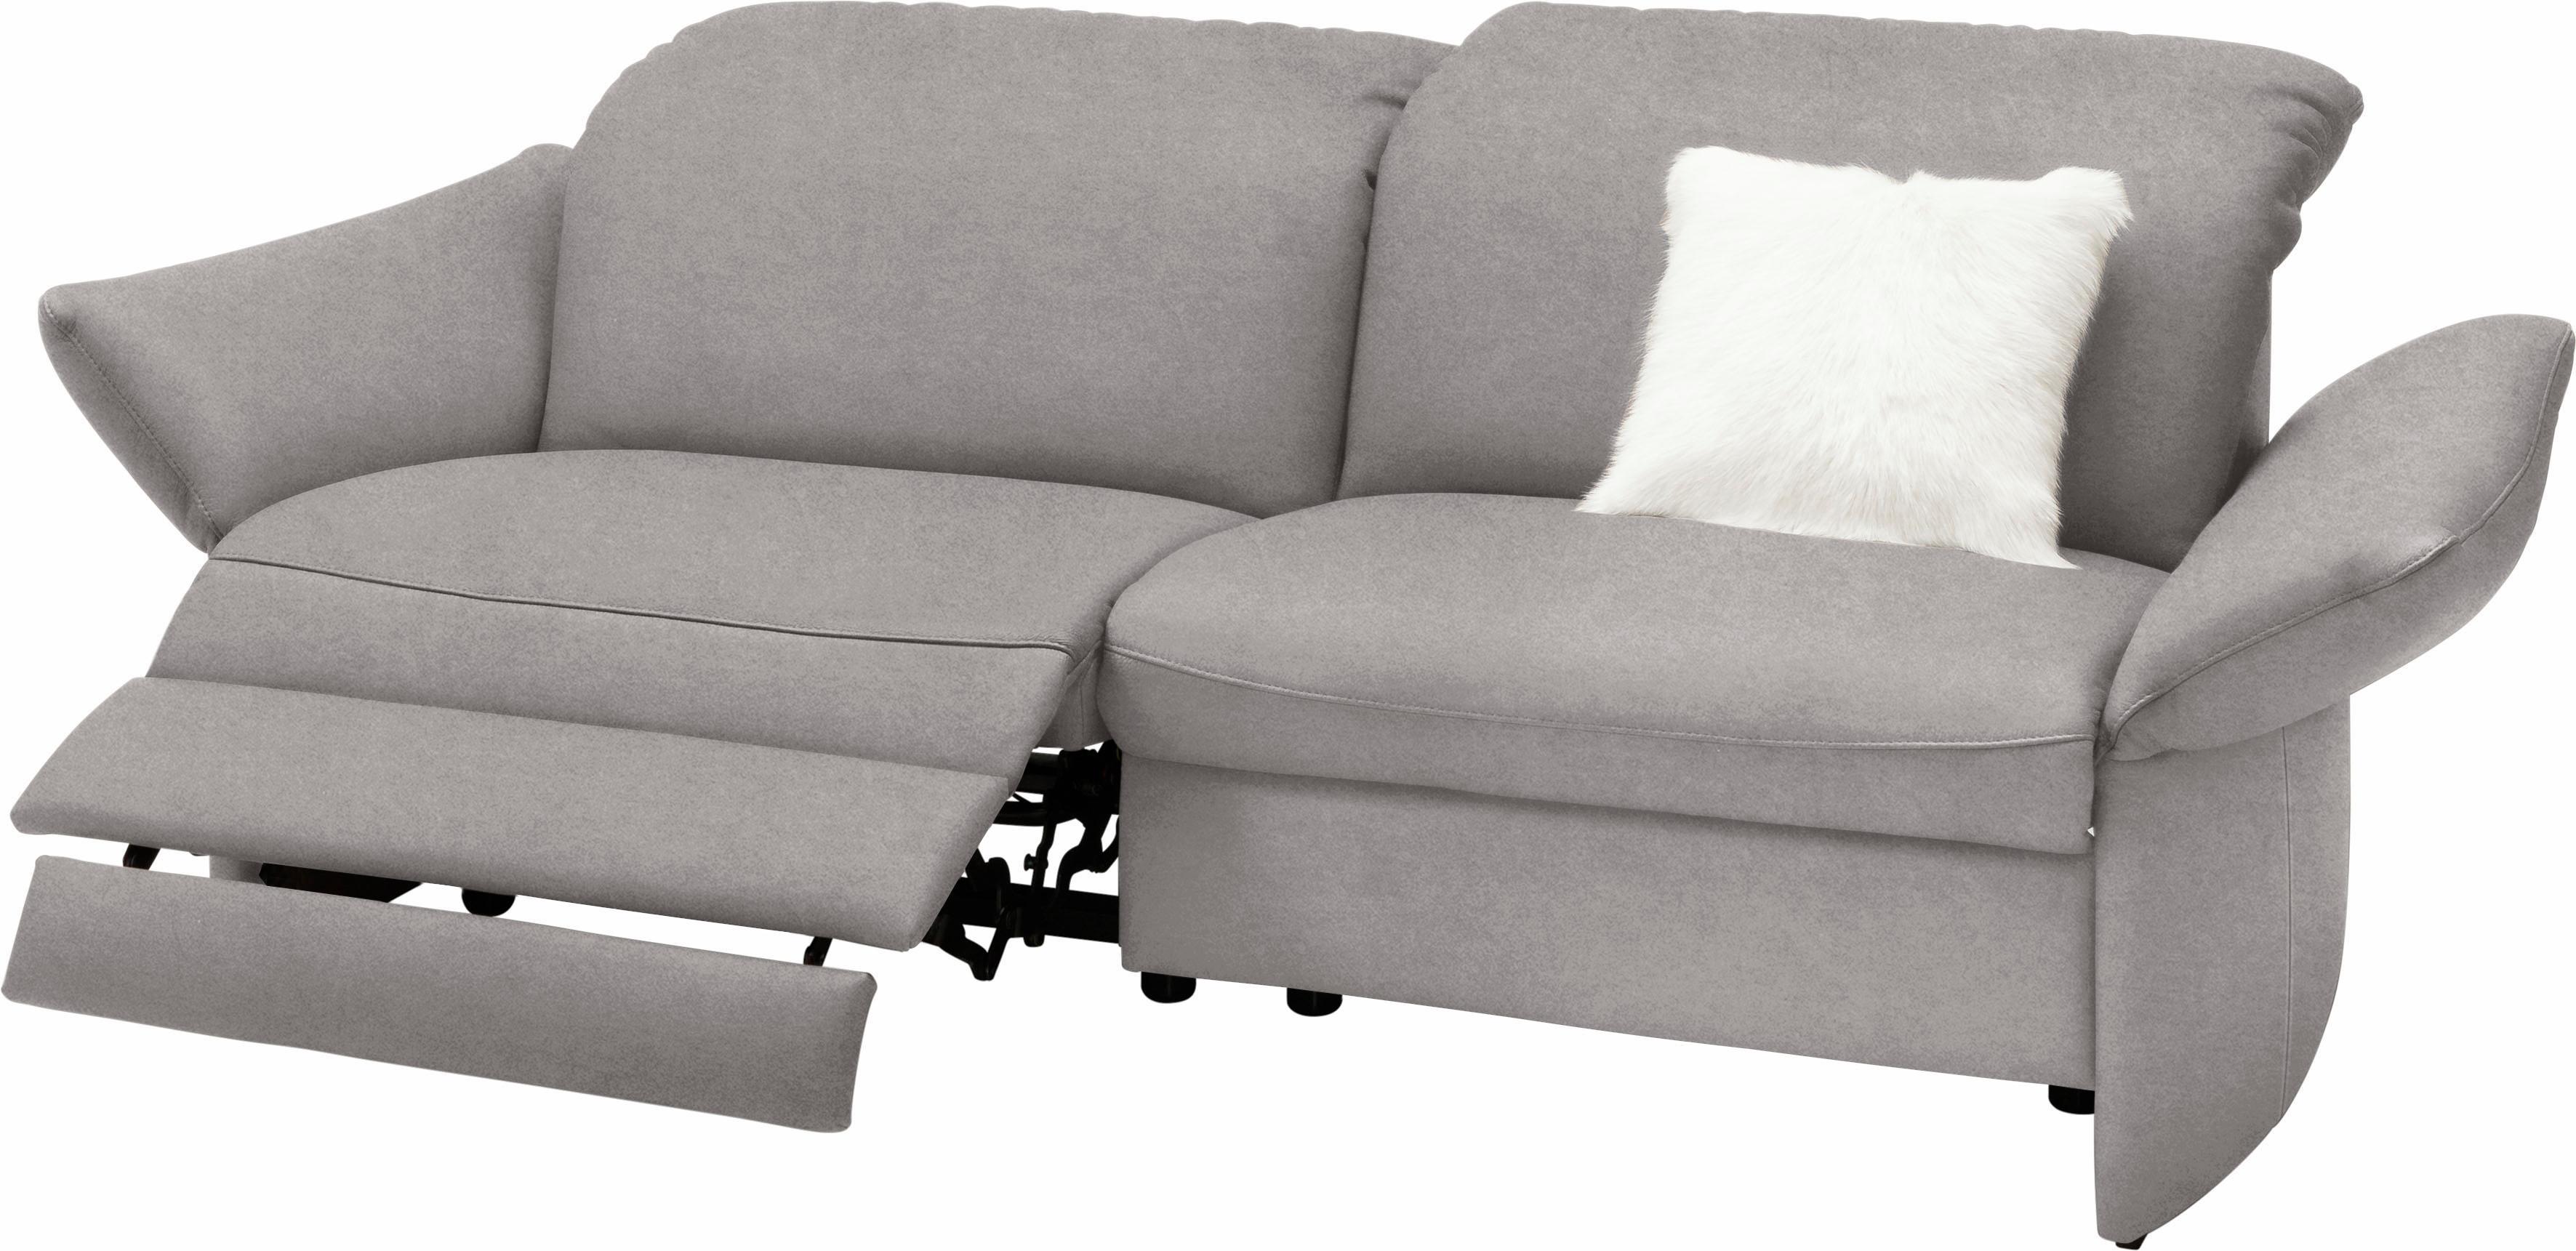 M 2 3 Sitzer Sofas Online Kaufen Möbel Suchmaschine